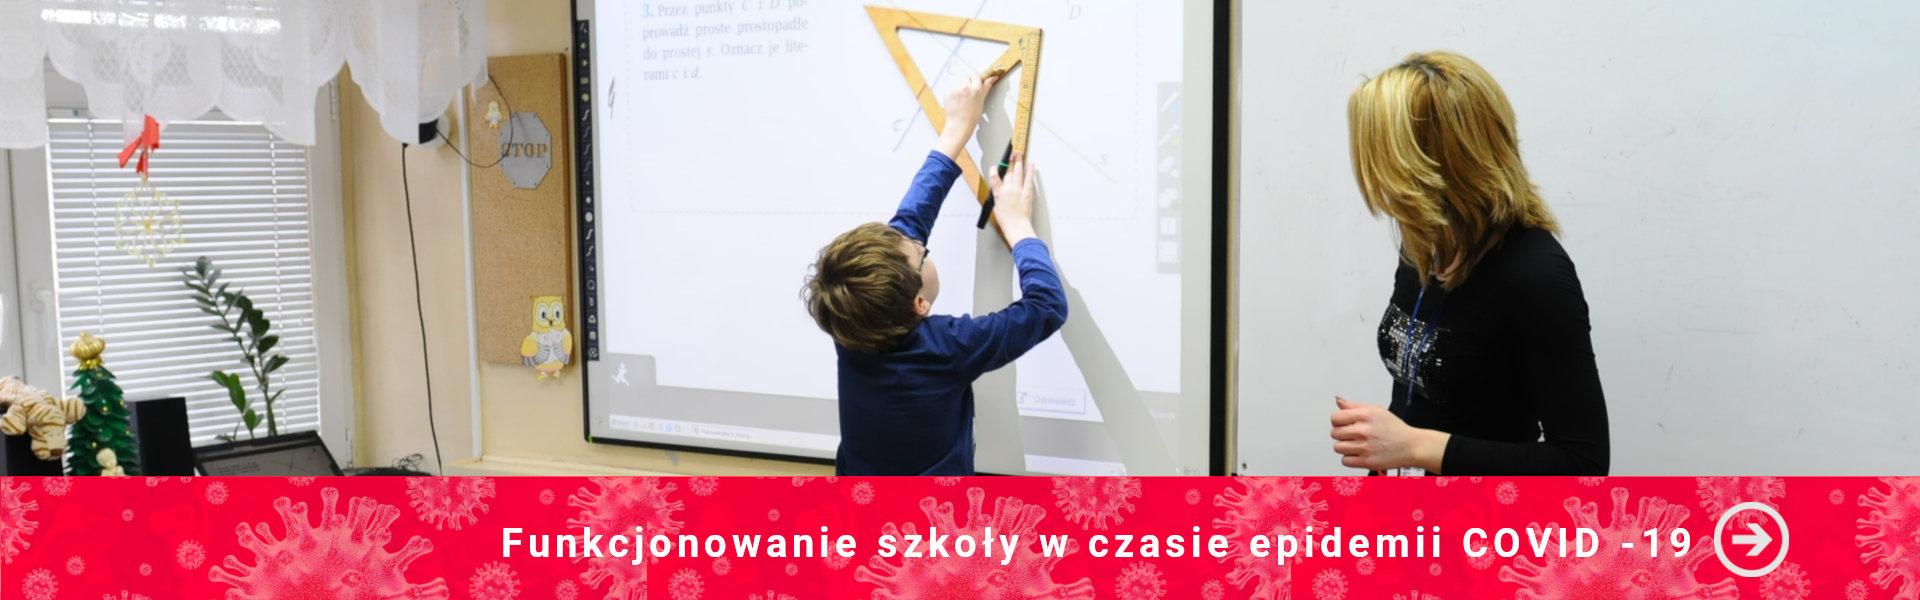 Ilustracja do artykułu: Nabór do szkoły na rok 2020/2021